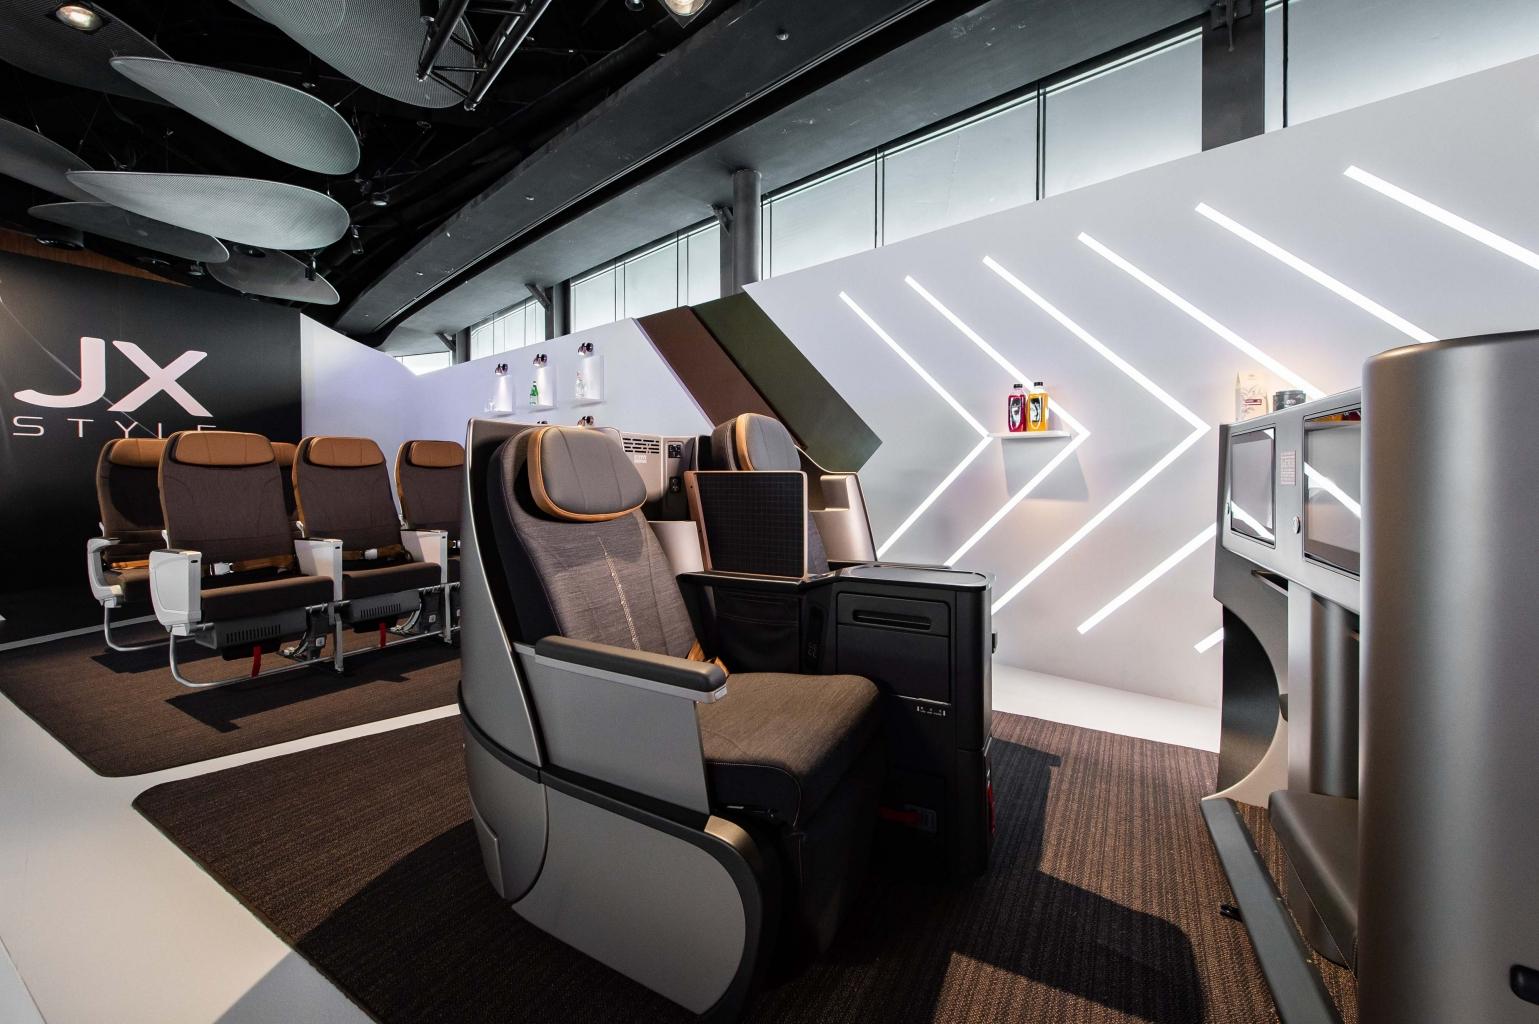 星宇航空jx Style制服及機艙設備發表會